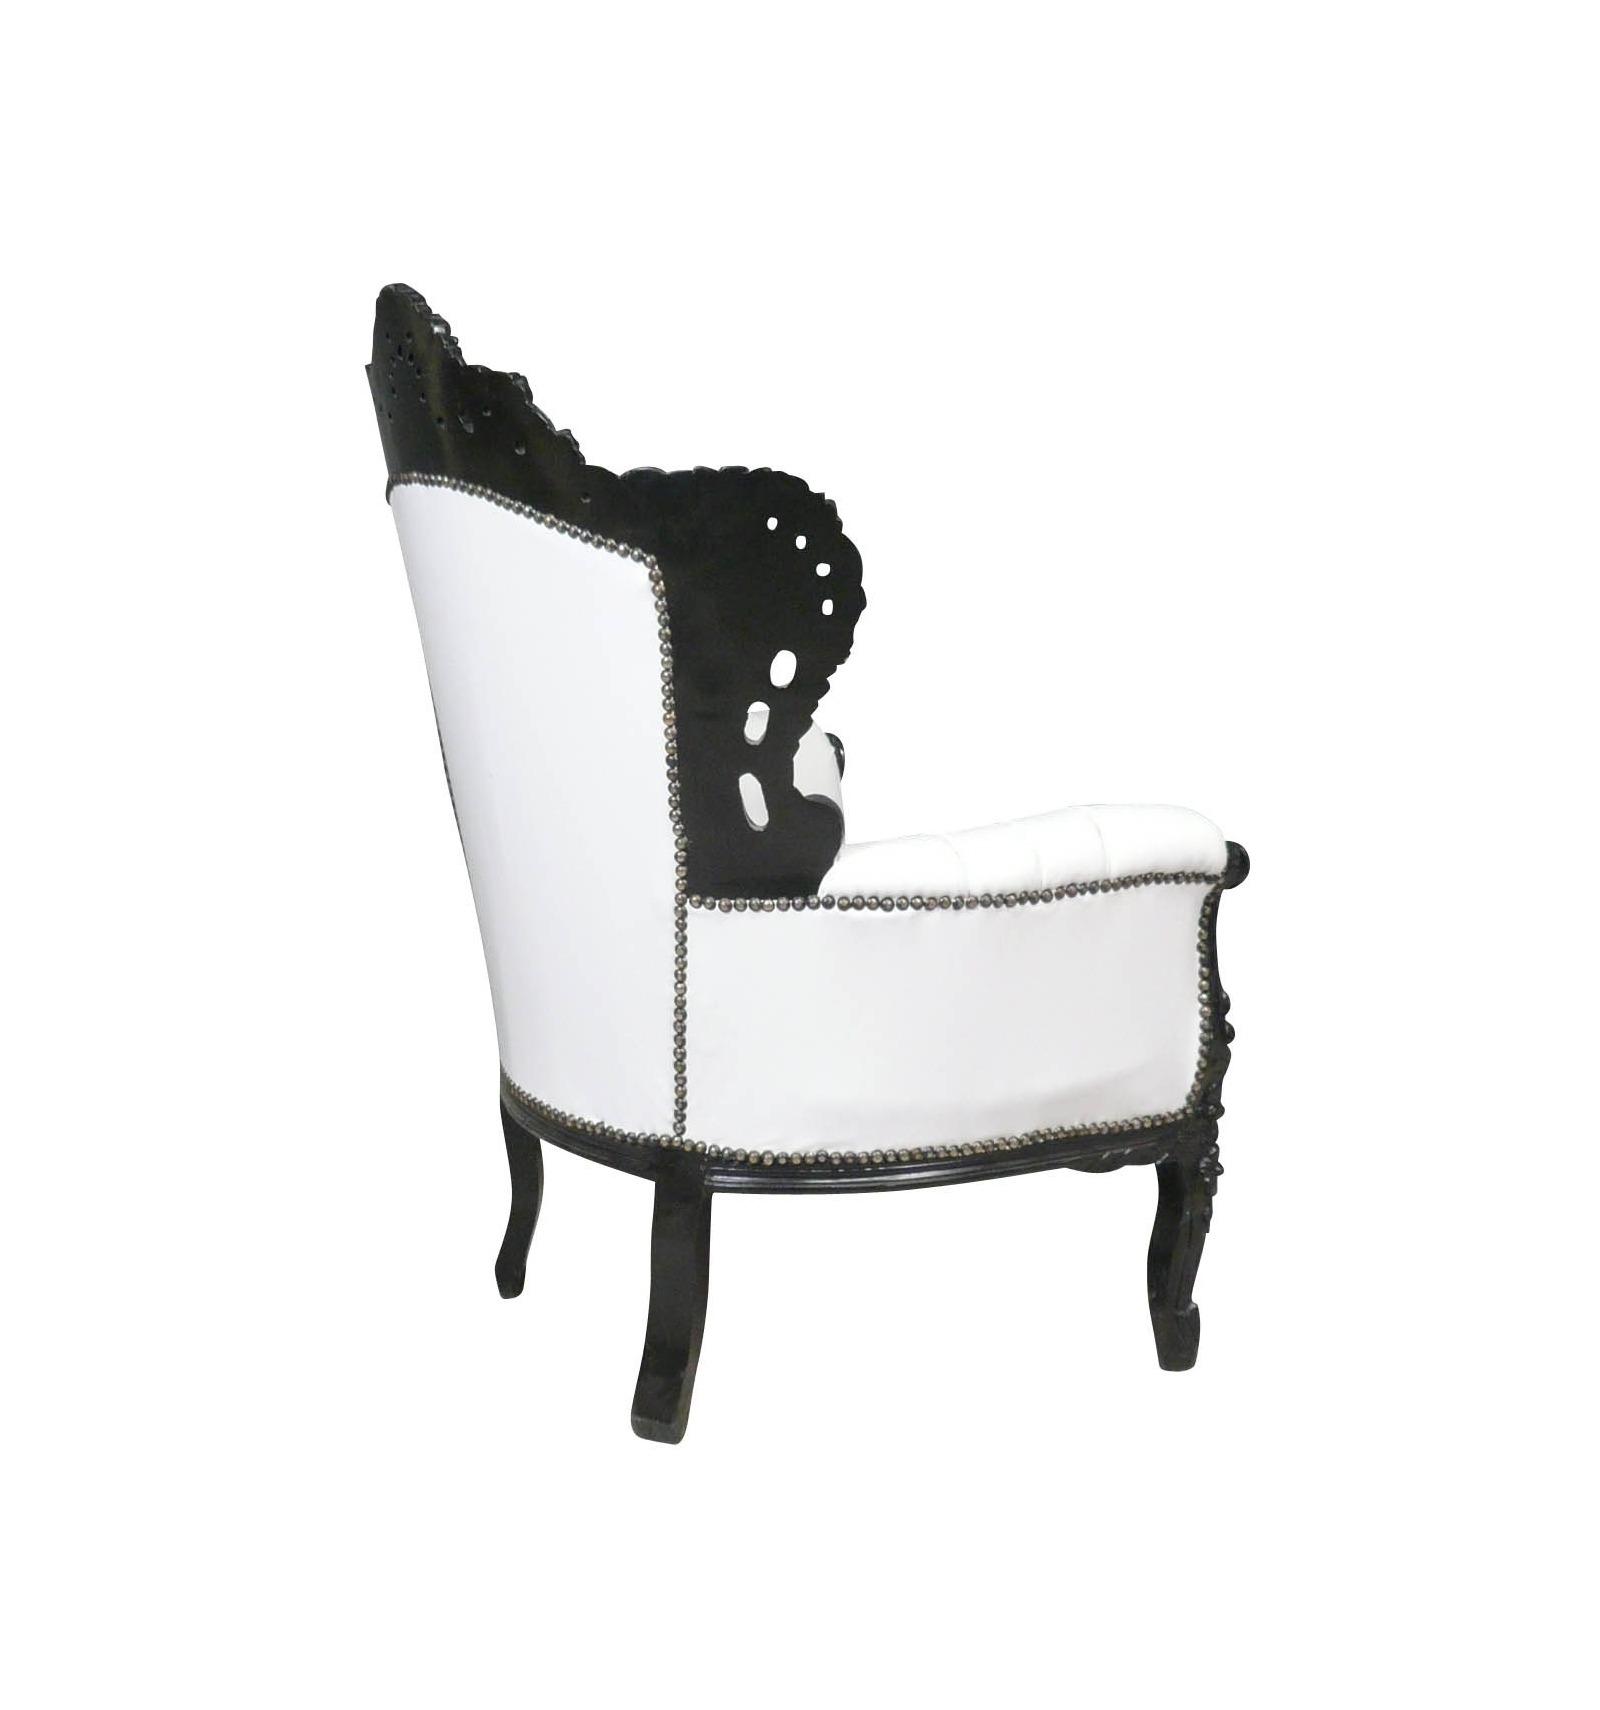 Fauteuil baroque blanc et noir meubles louis xv - Fauteuil noir et blanc ...